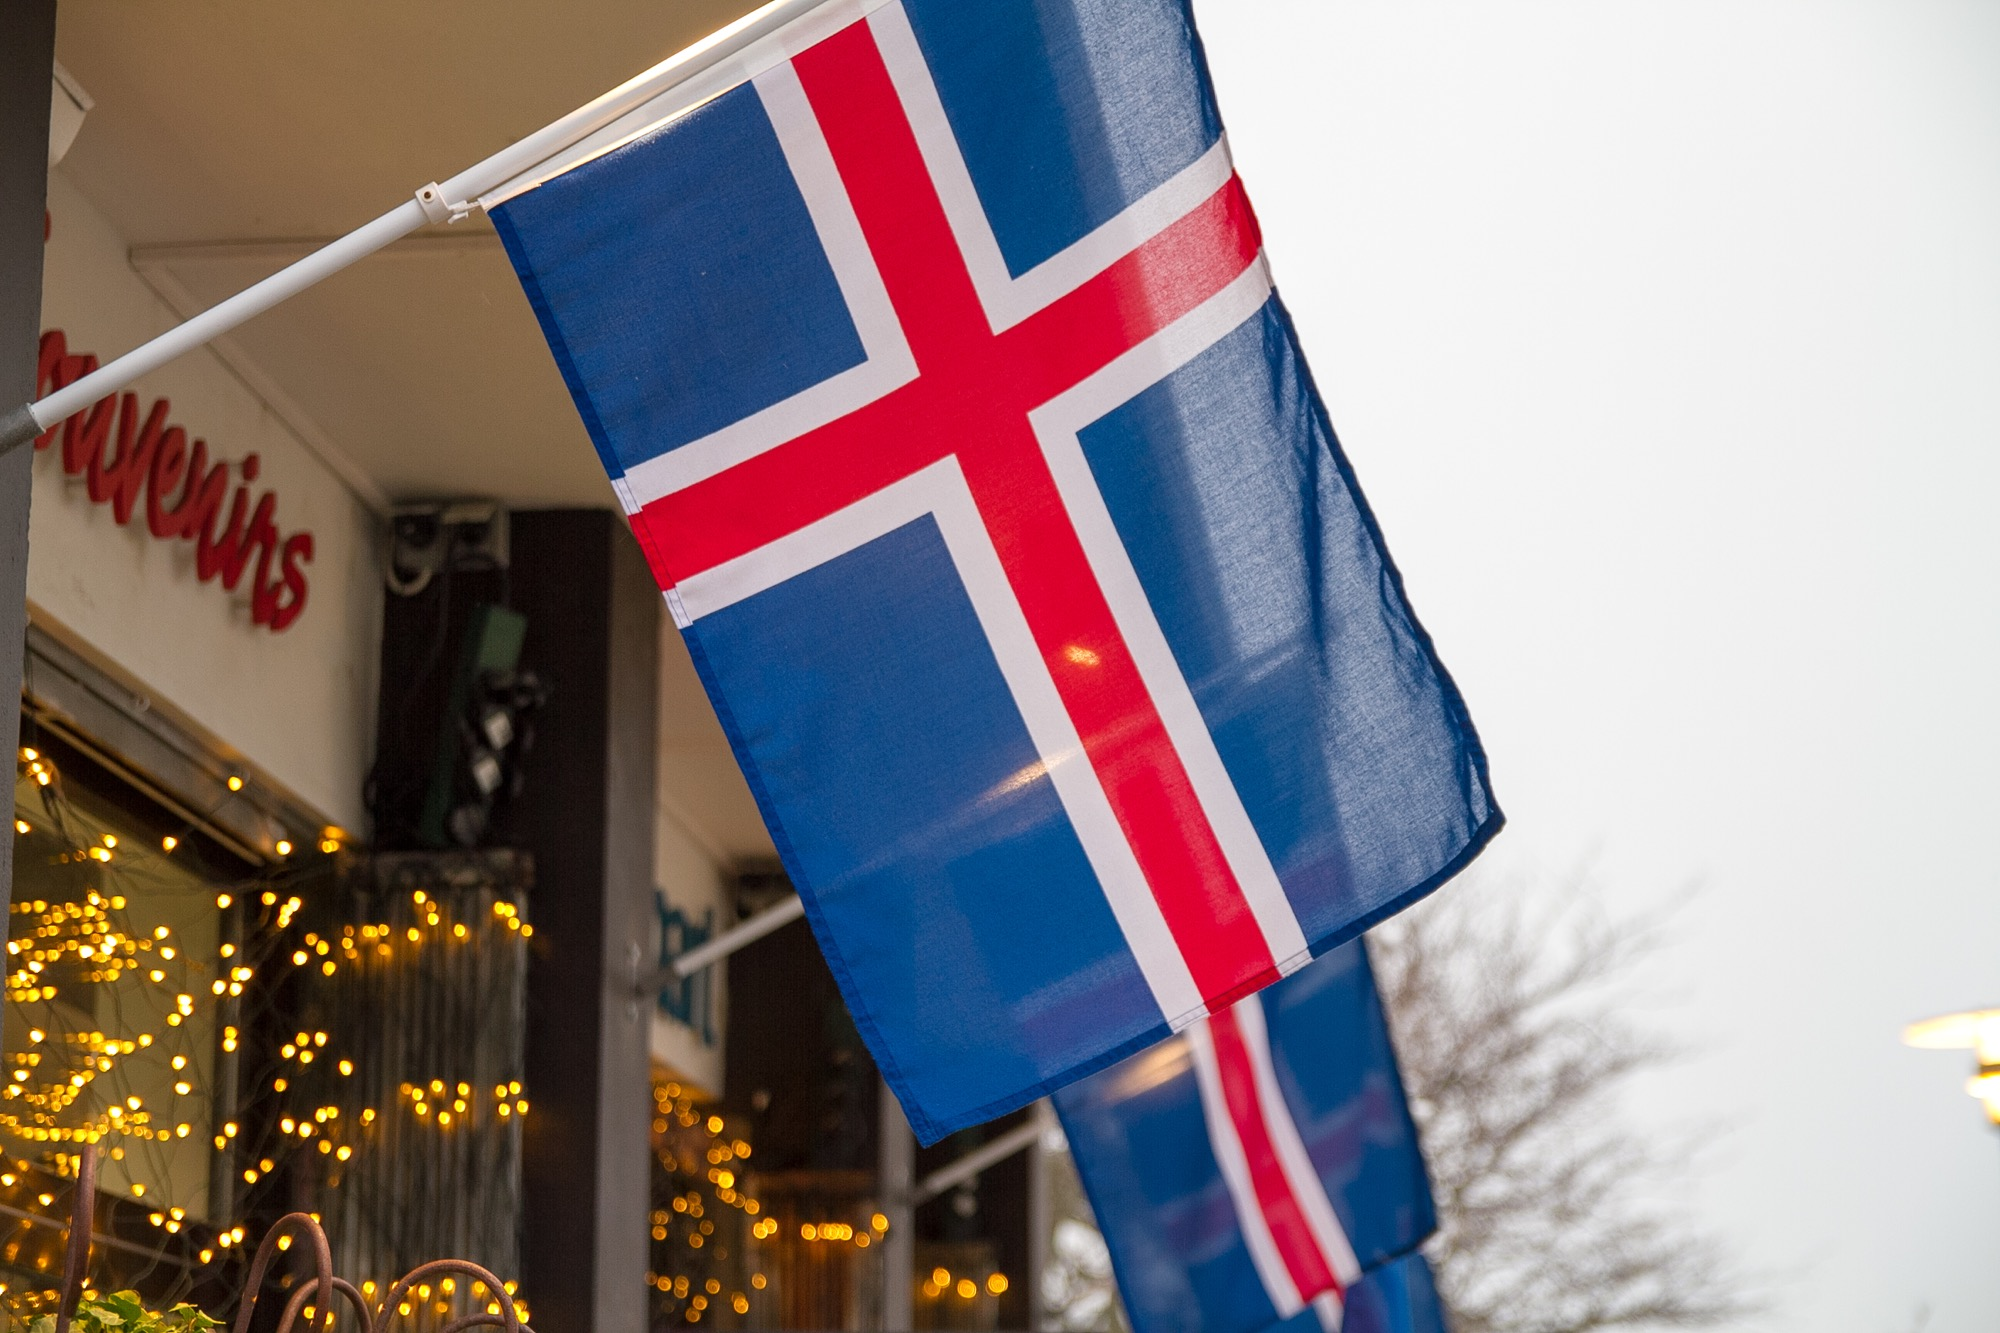 冬のアイスランドが素晴らしかったので写真44枚を無料配布します【商用利用可】